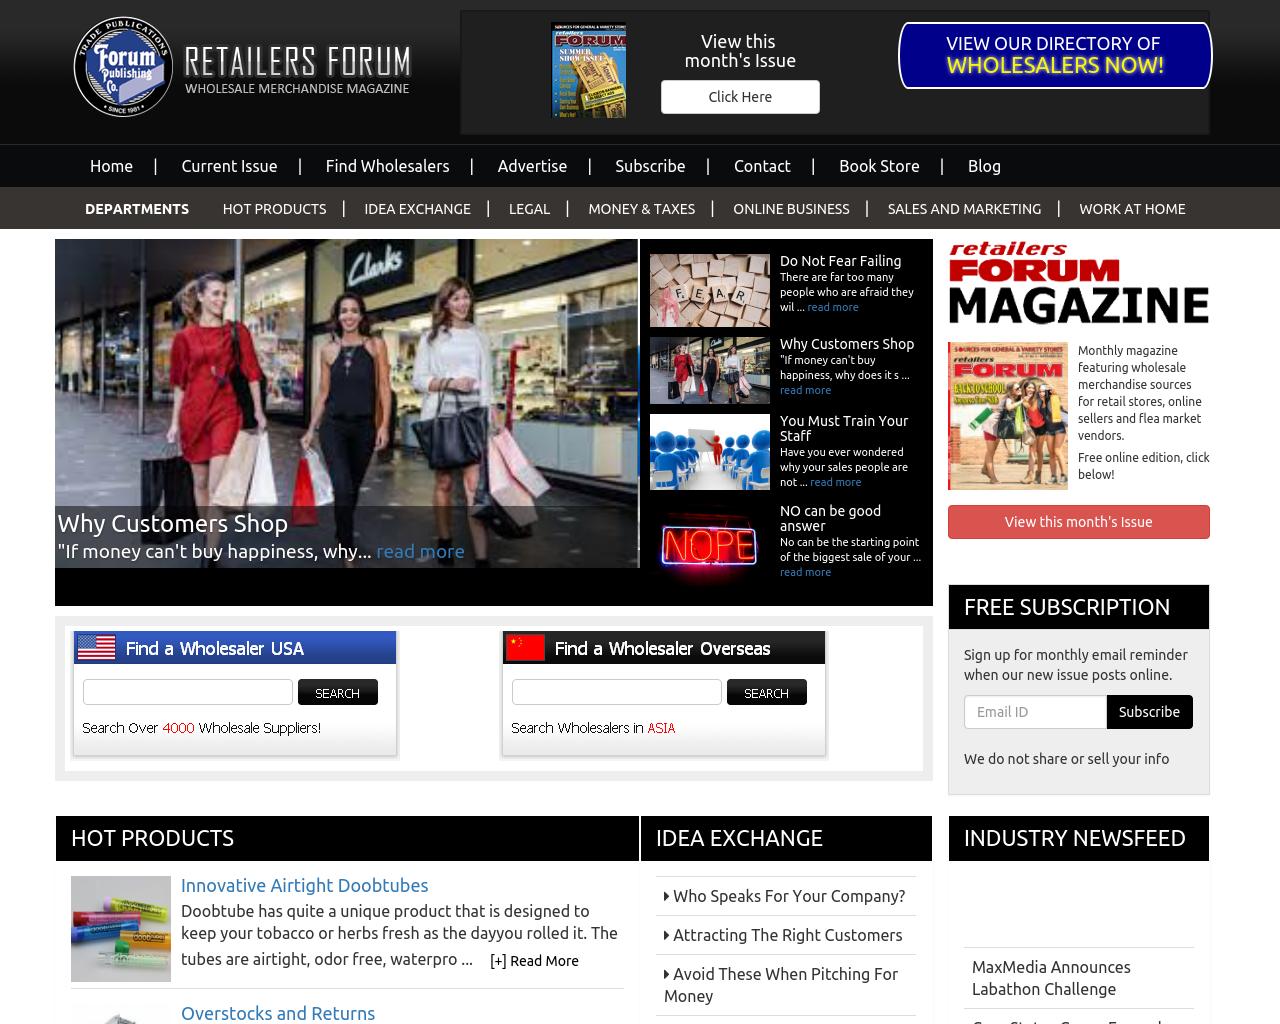 Retailersforum-Advertising-Reviews-Pricing